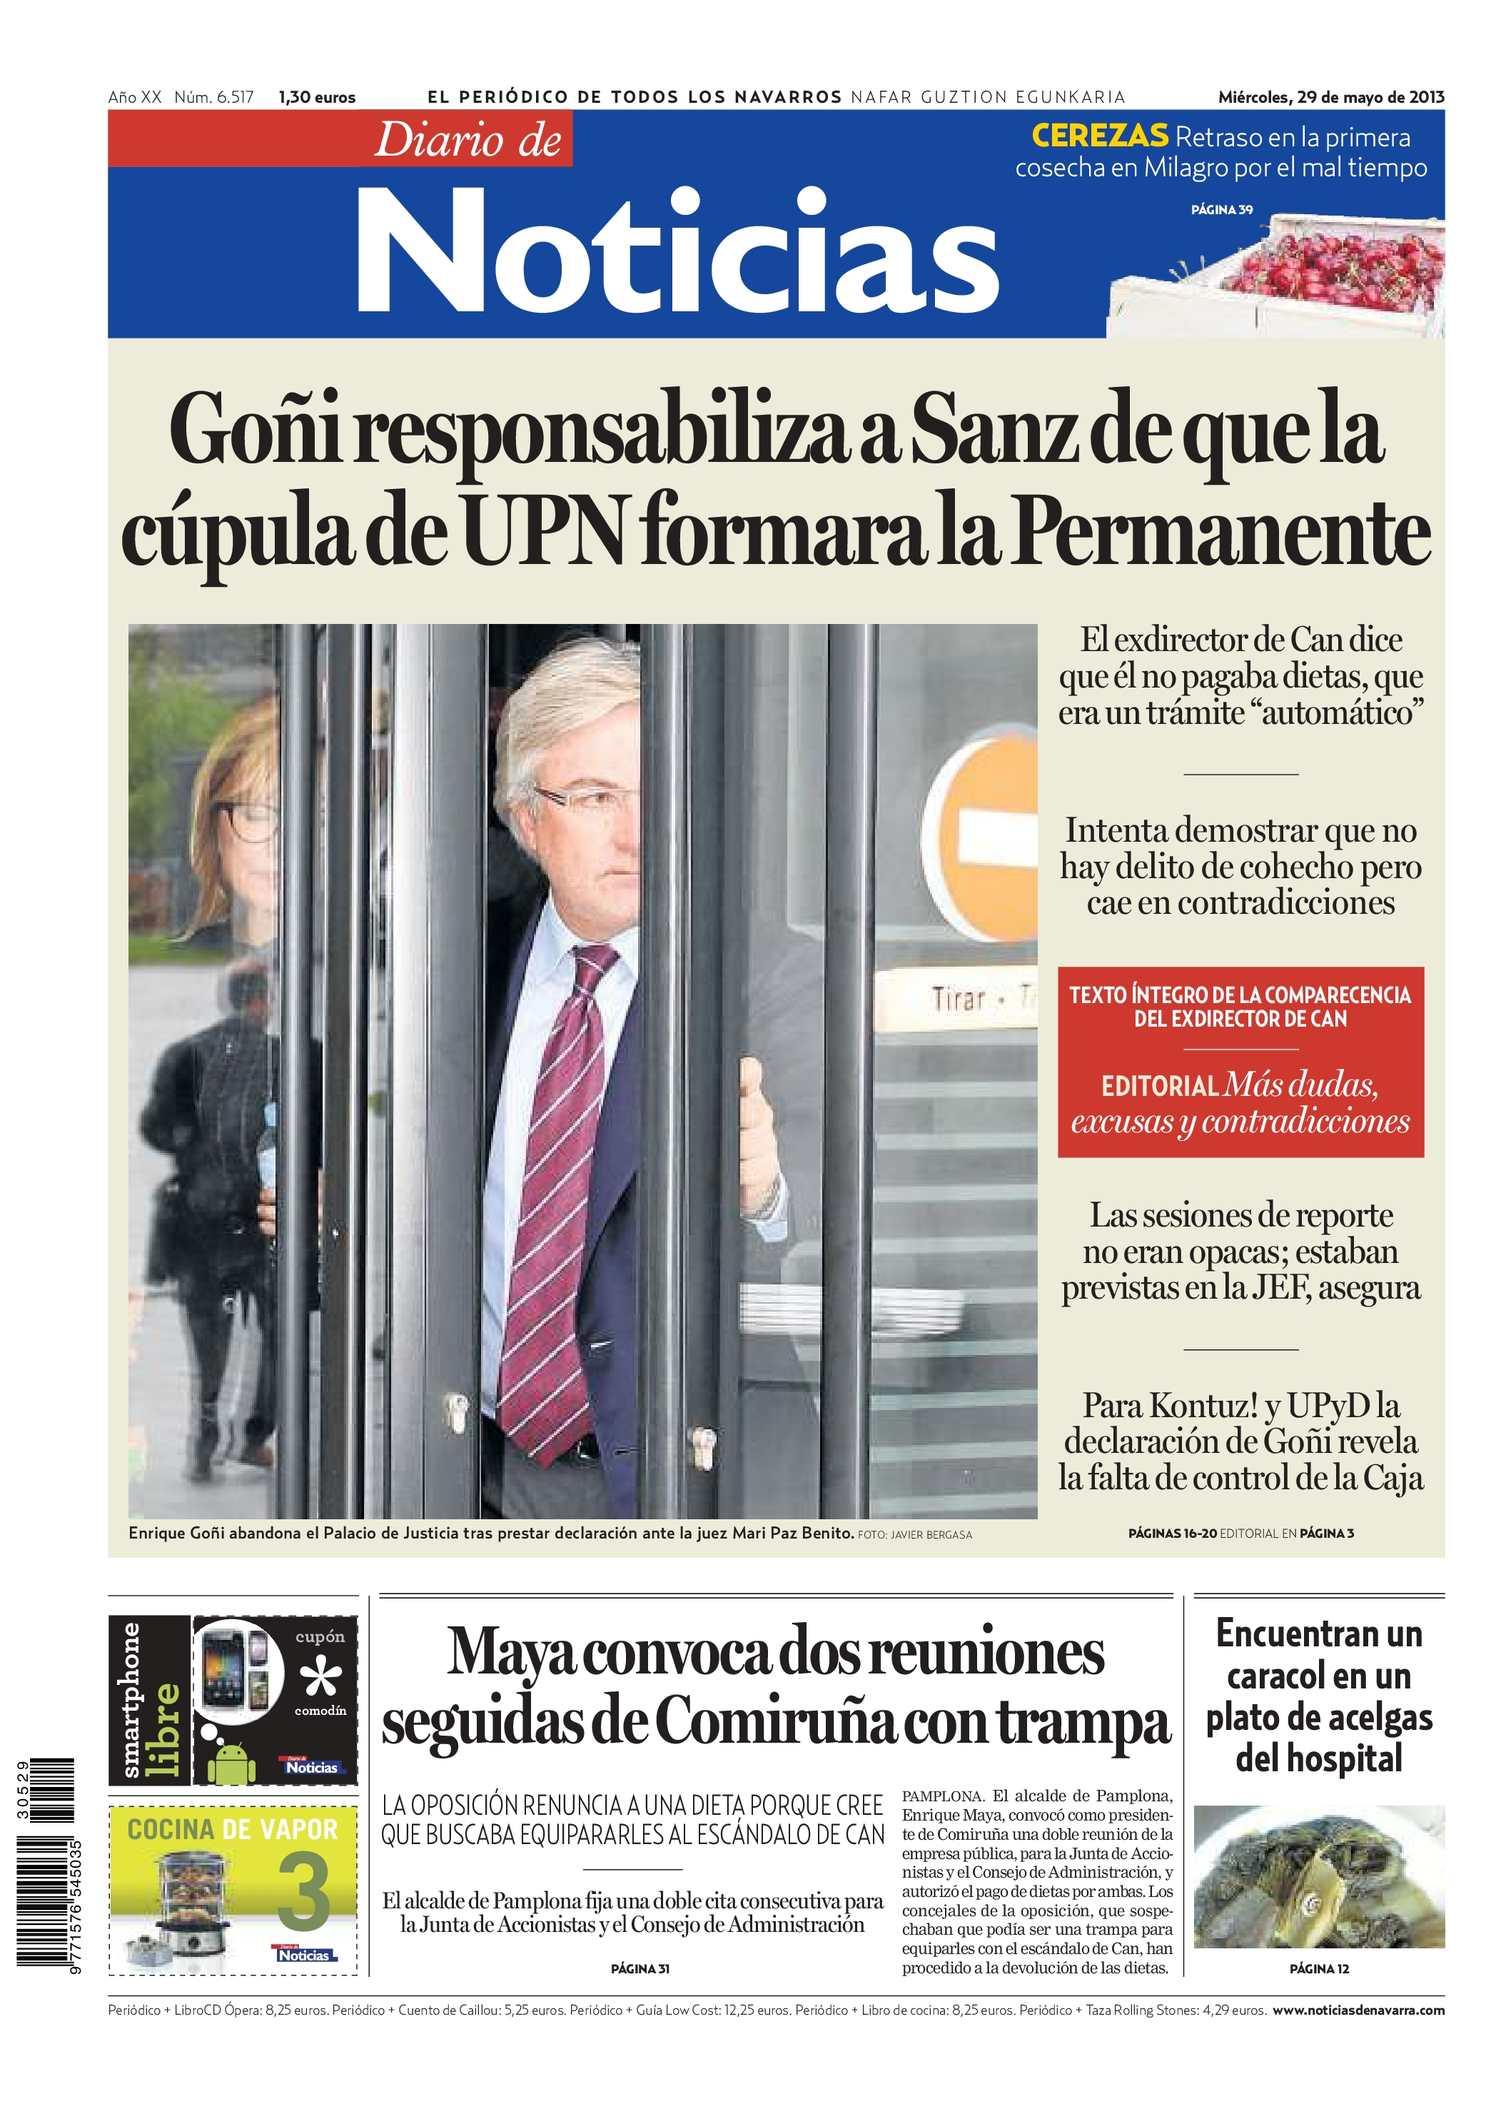 9db84d465 Calaméo - Diario de Noticias 20130529